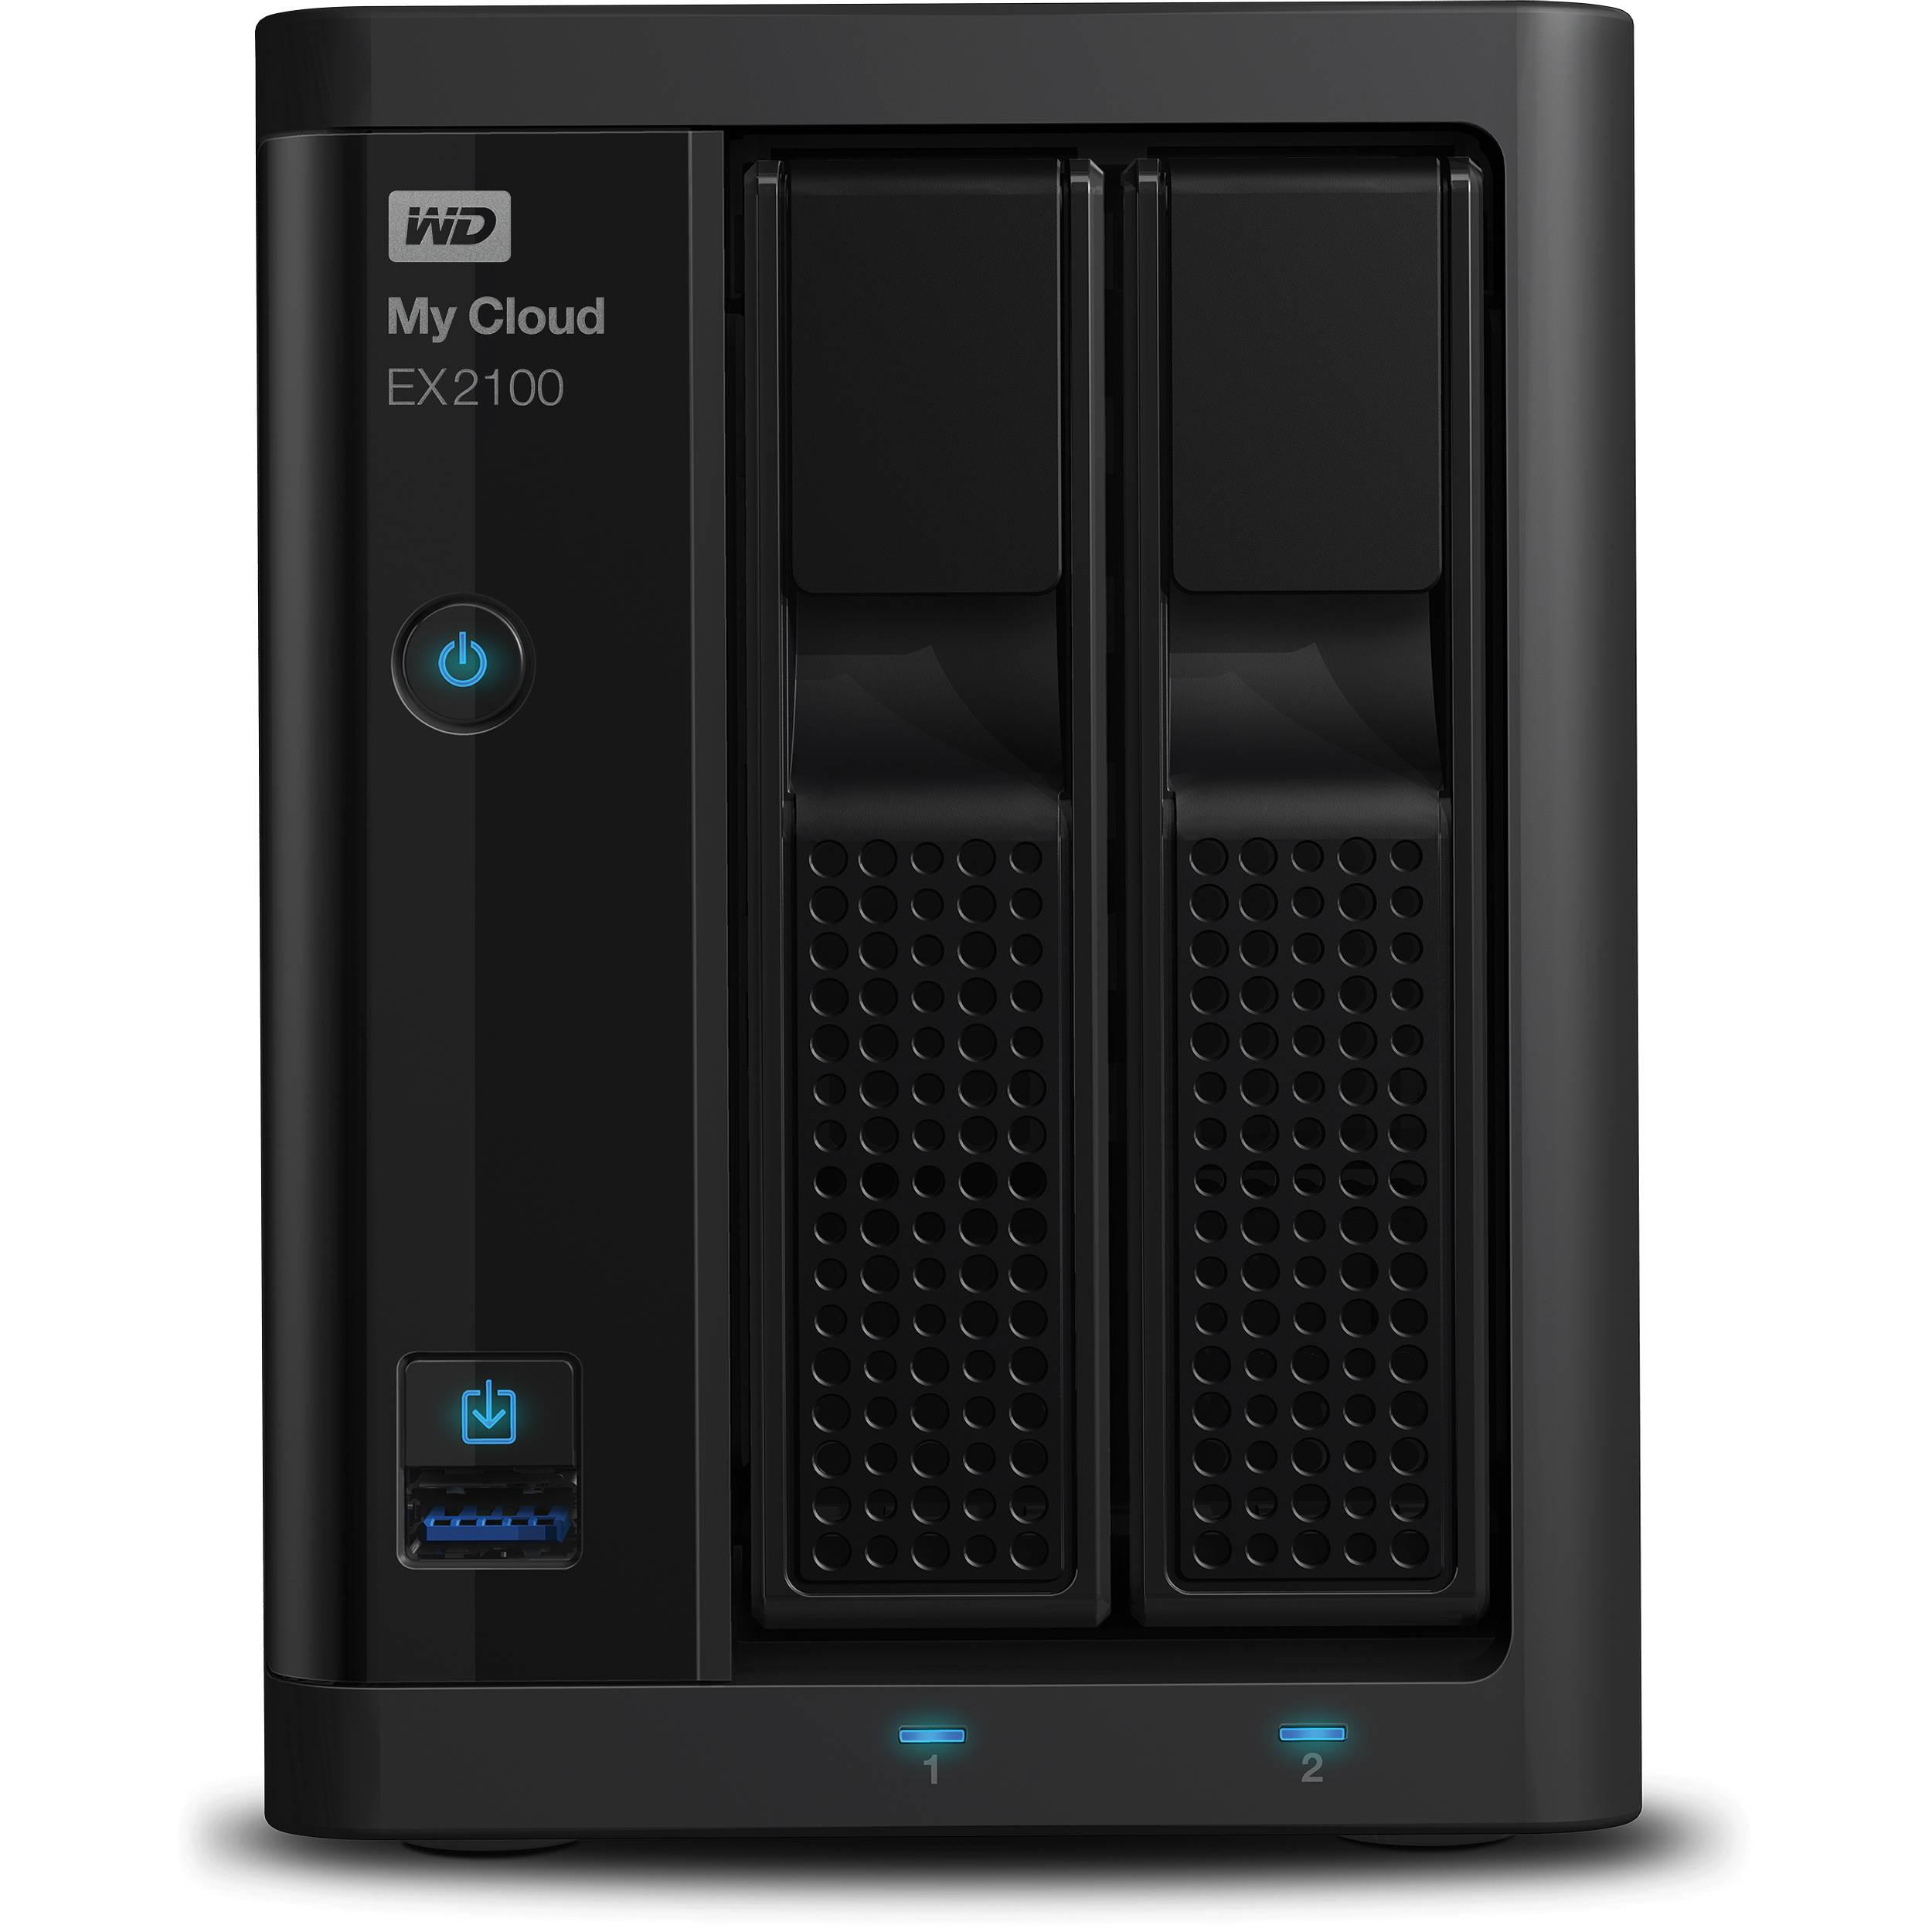 WD 8TB (2 x 4TB) My Cloud Expert Series WDBWAZ0080JBK-NESN B&H